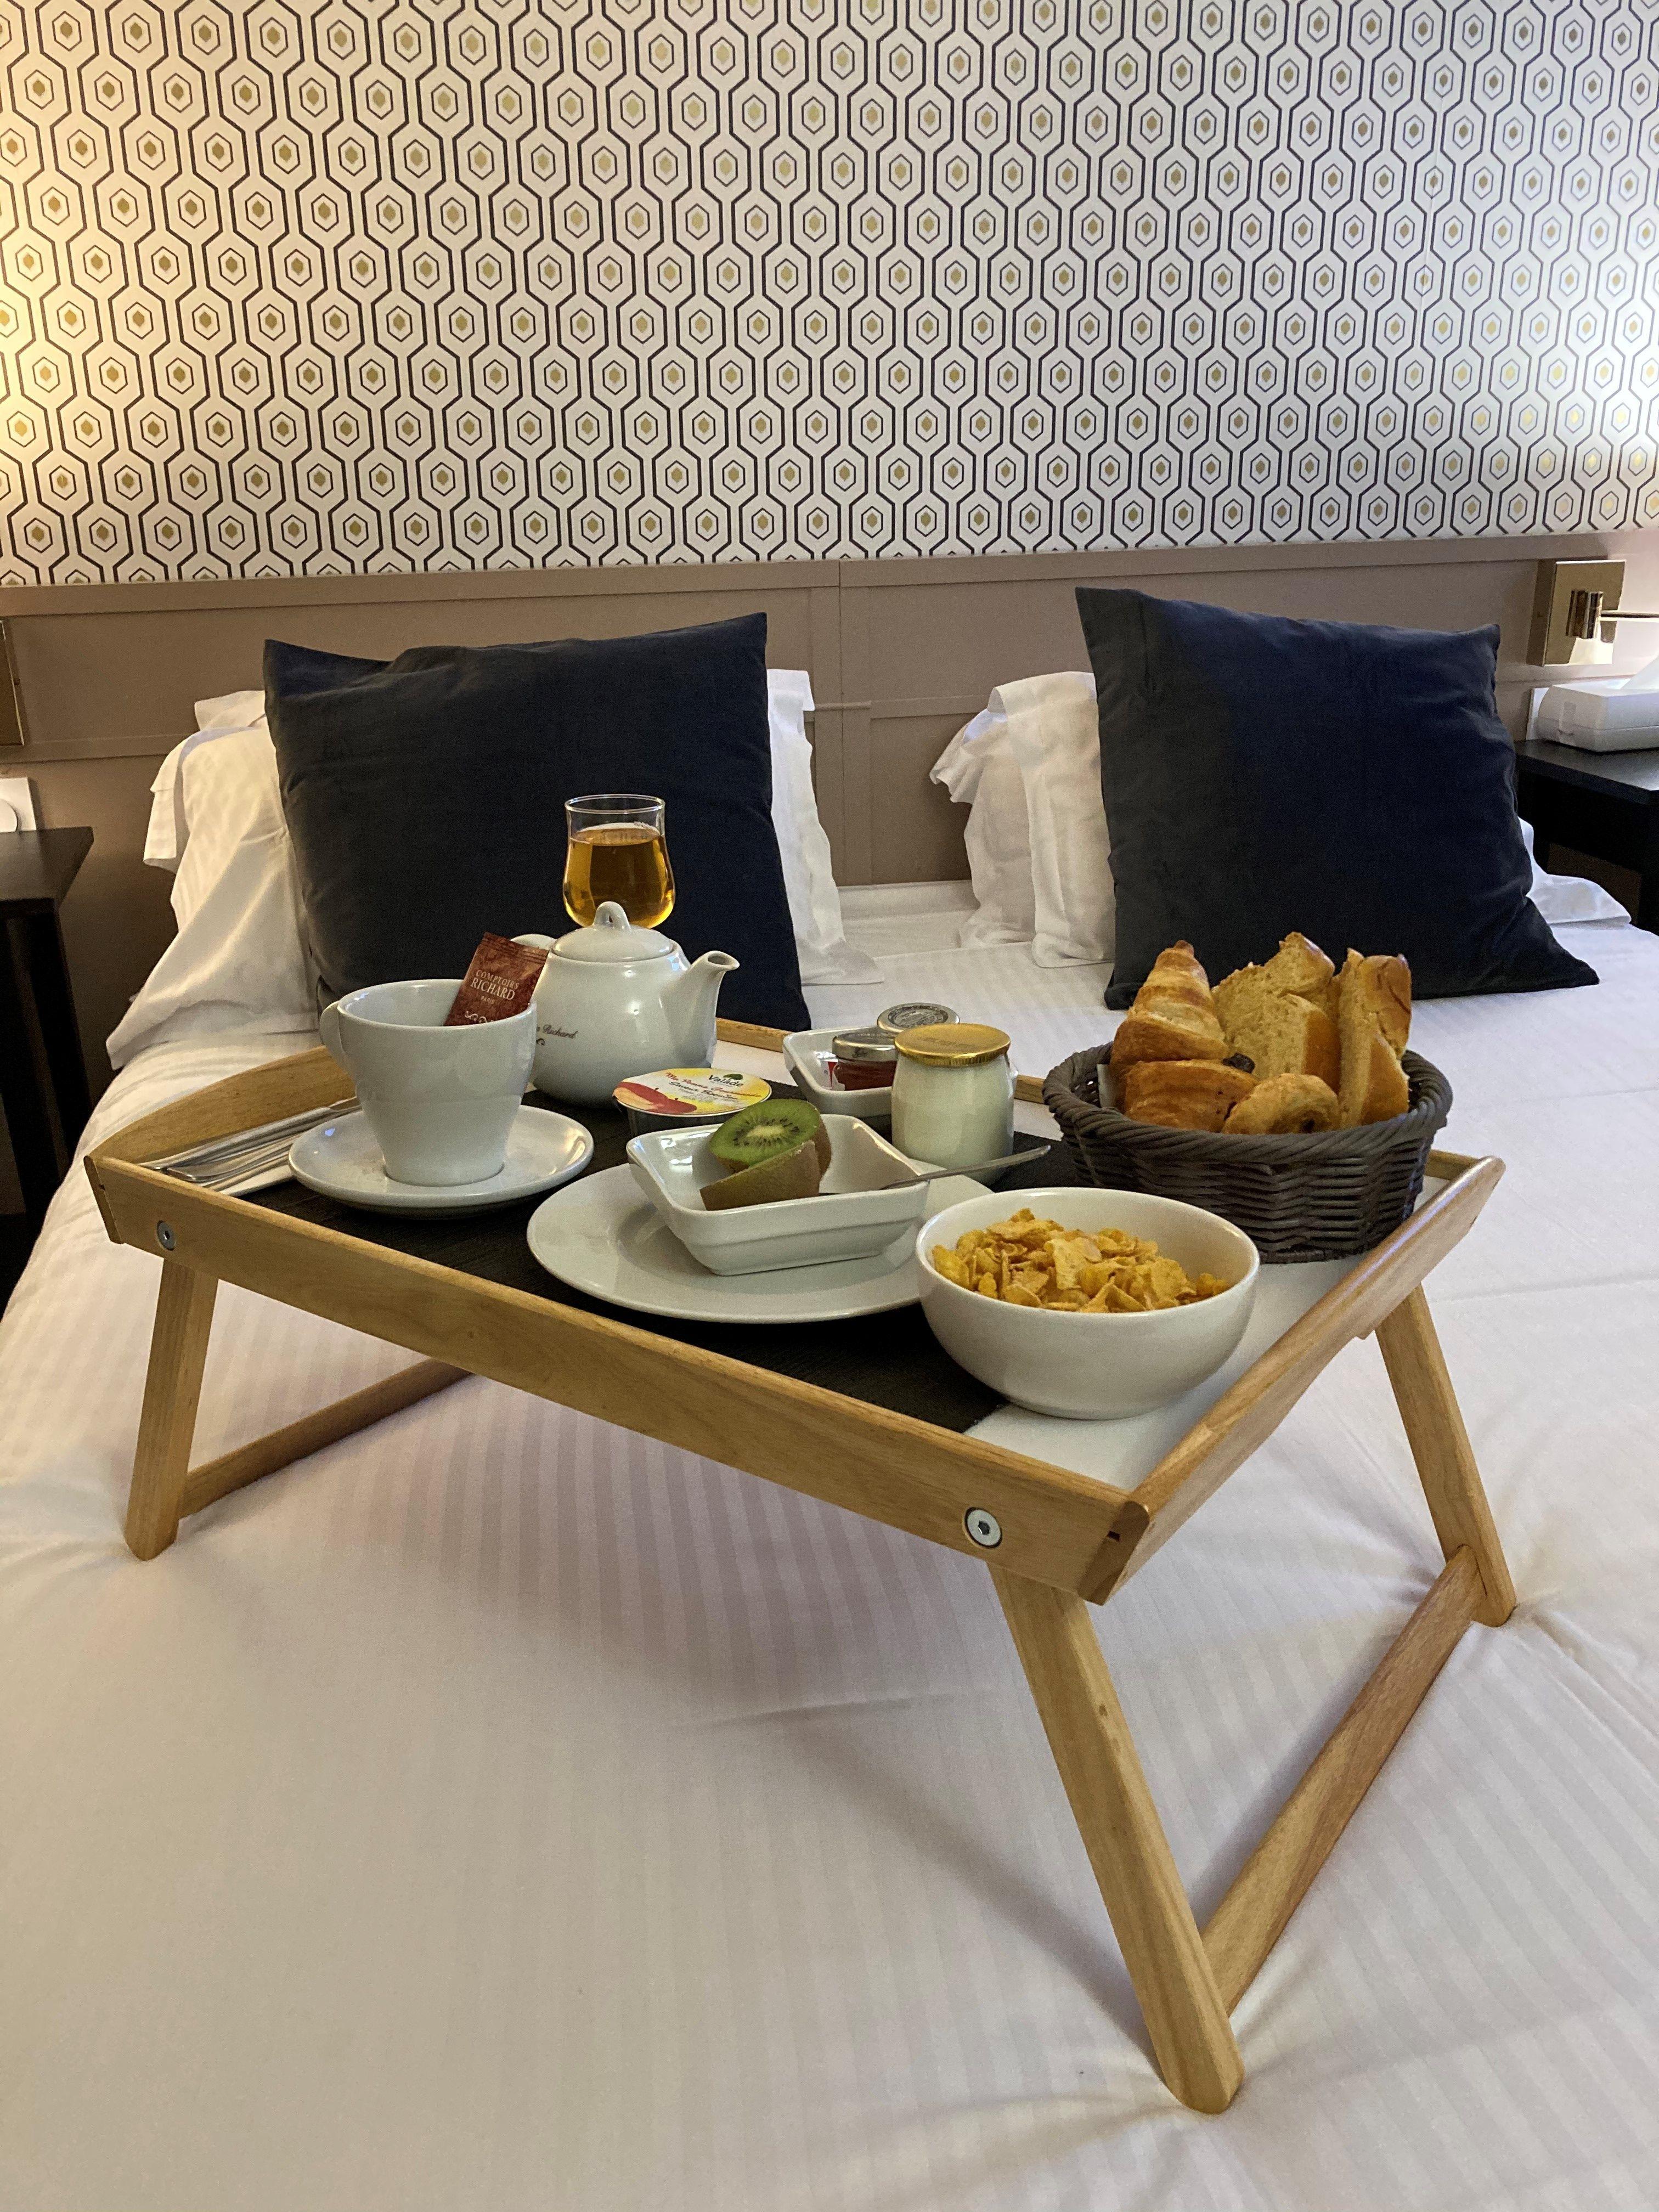 hotel-restaurant-lac-pont-leveque-eden-park-offre-soiree-etape-chambre-confort-petit-dejeuner